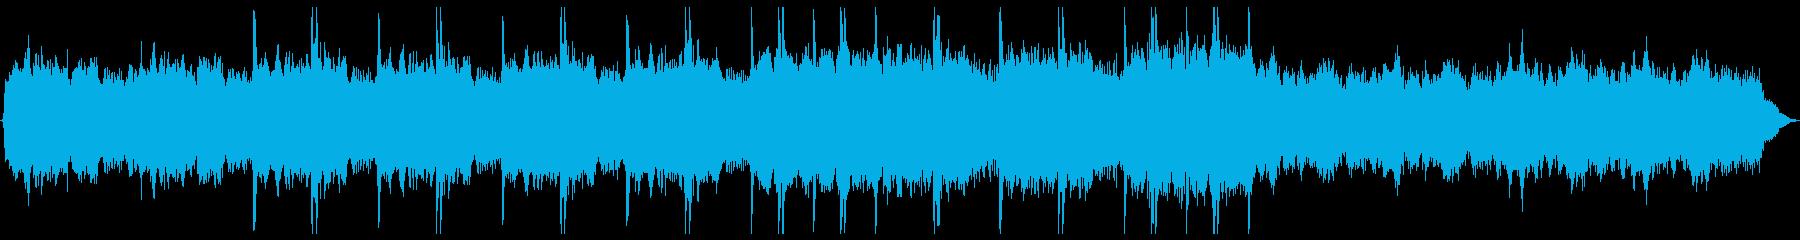 ノスタルジックなアンビエント・ポップの再生済みの波形